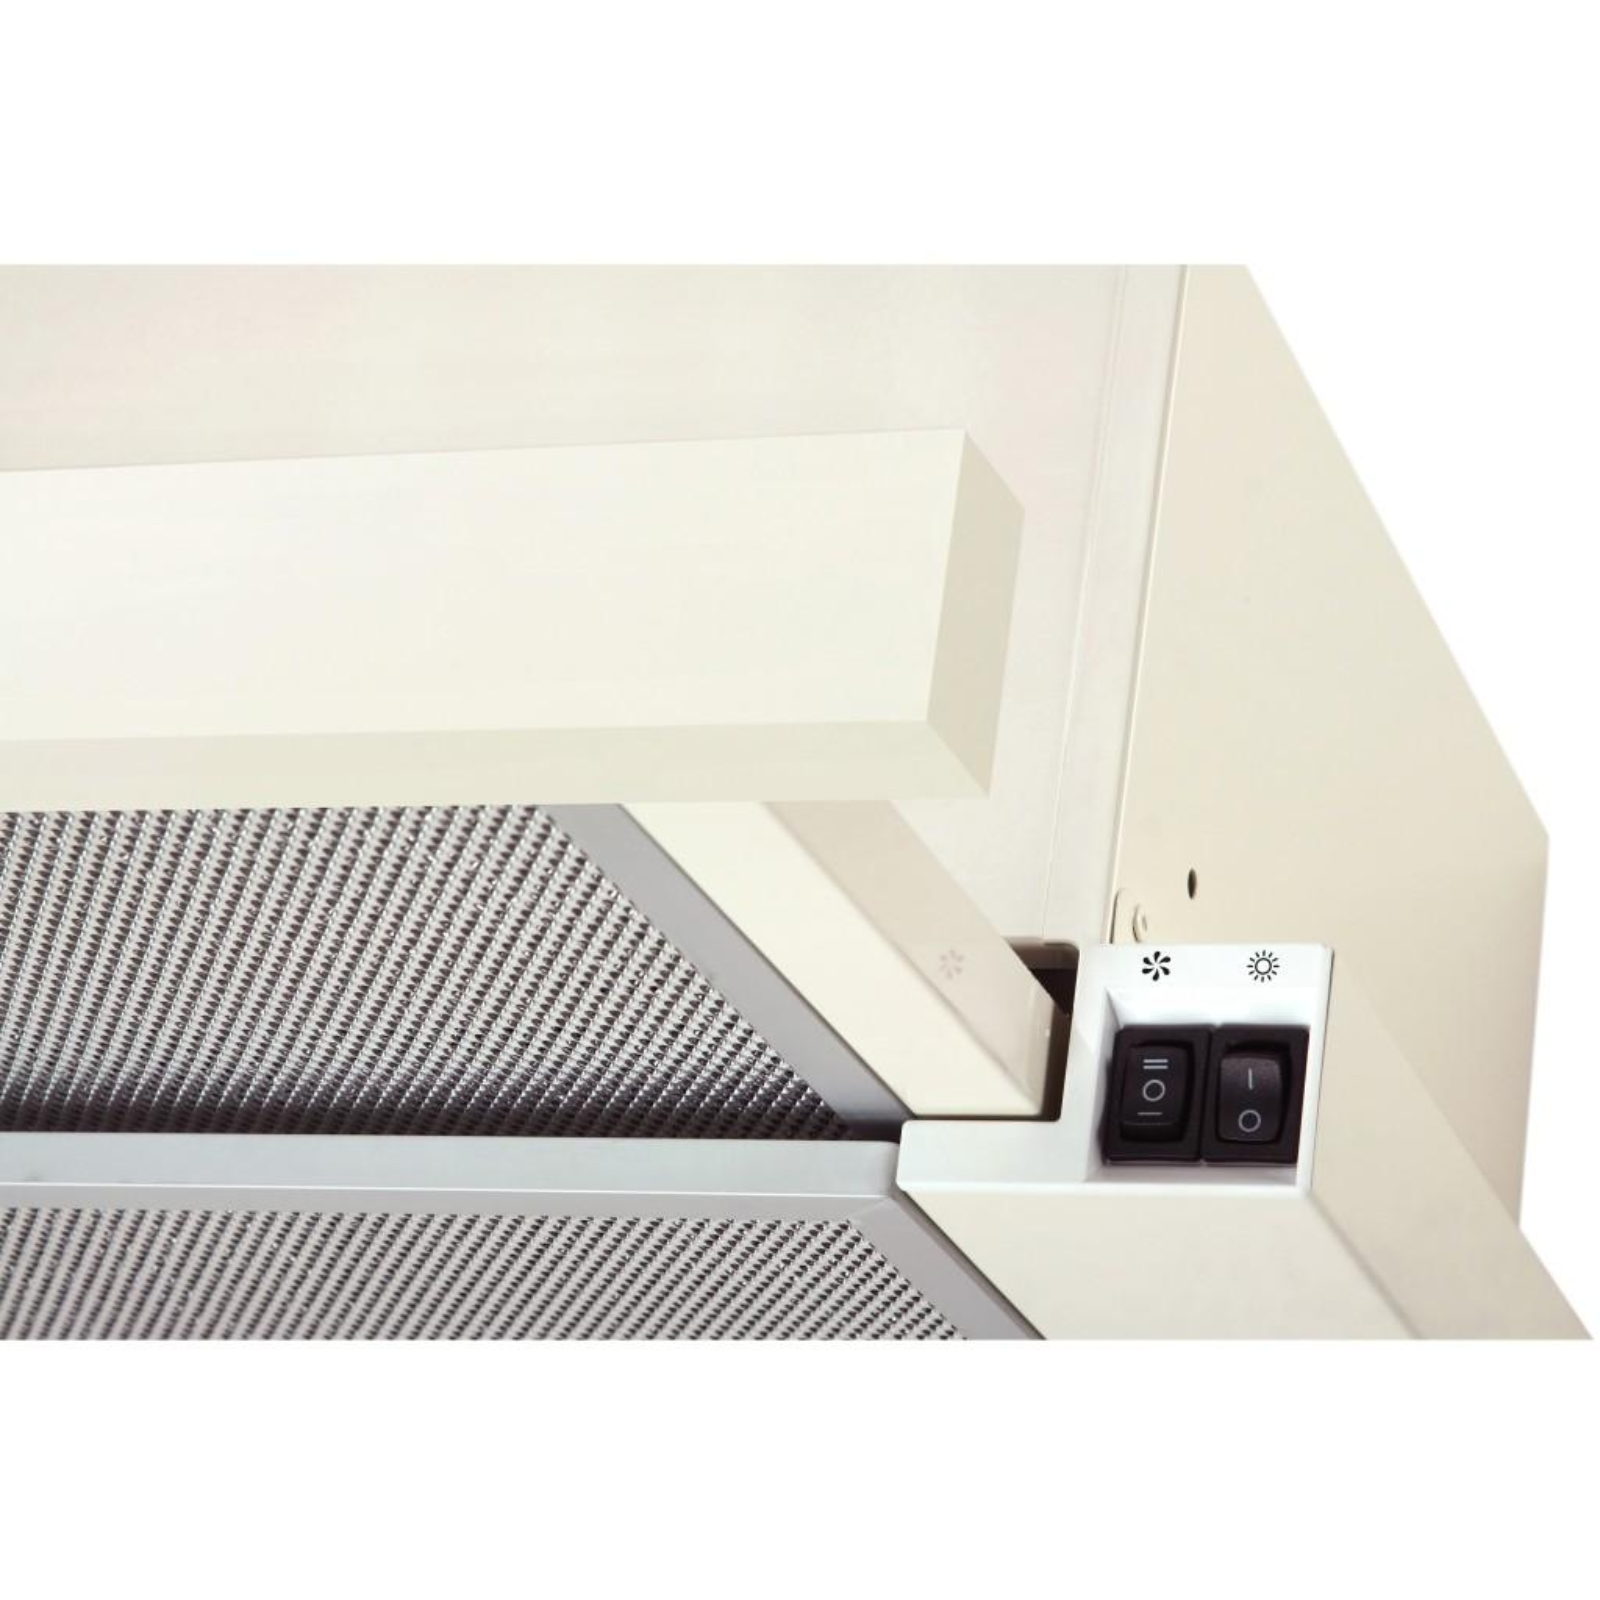 Вытяжка кухонная Eleyus Cyclon 700 50 IS+GR изображение 11